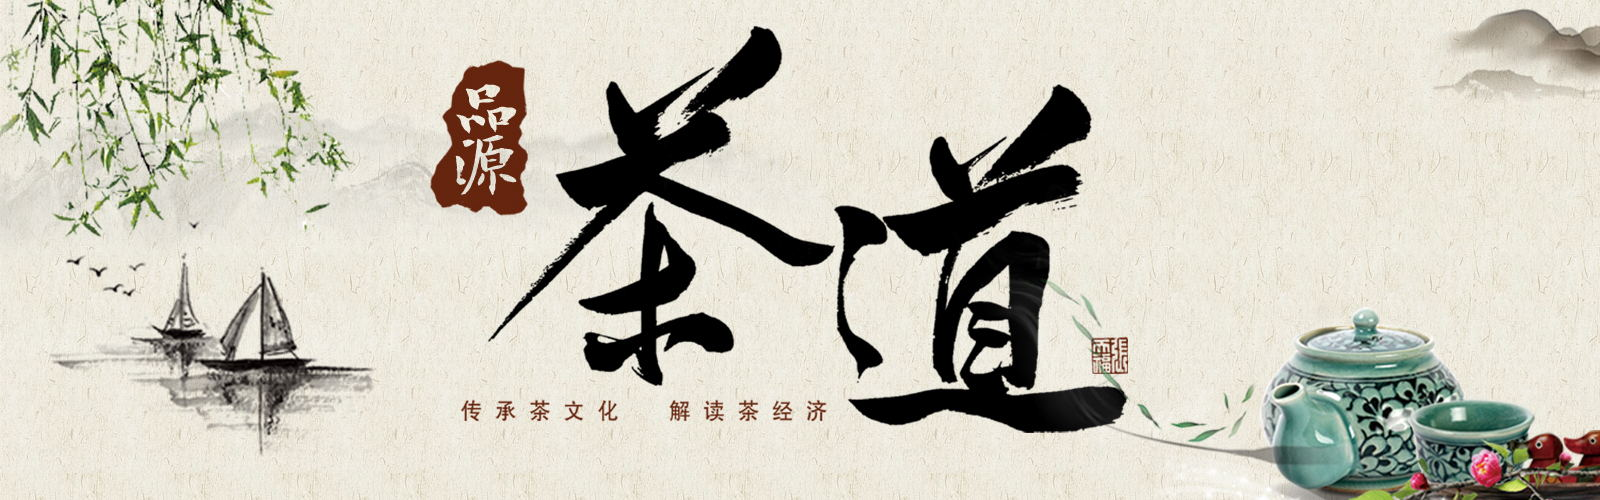 苏州茶艺师培训